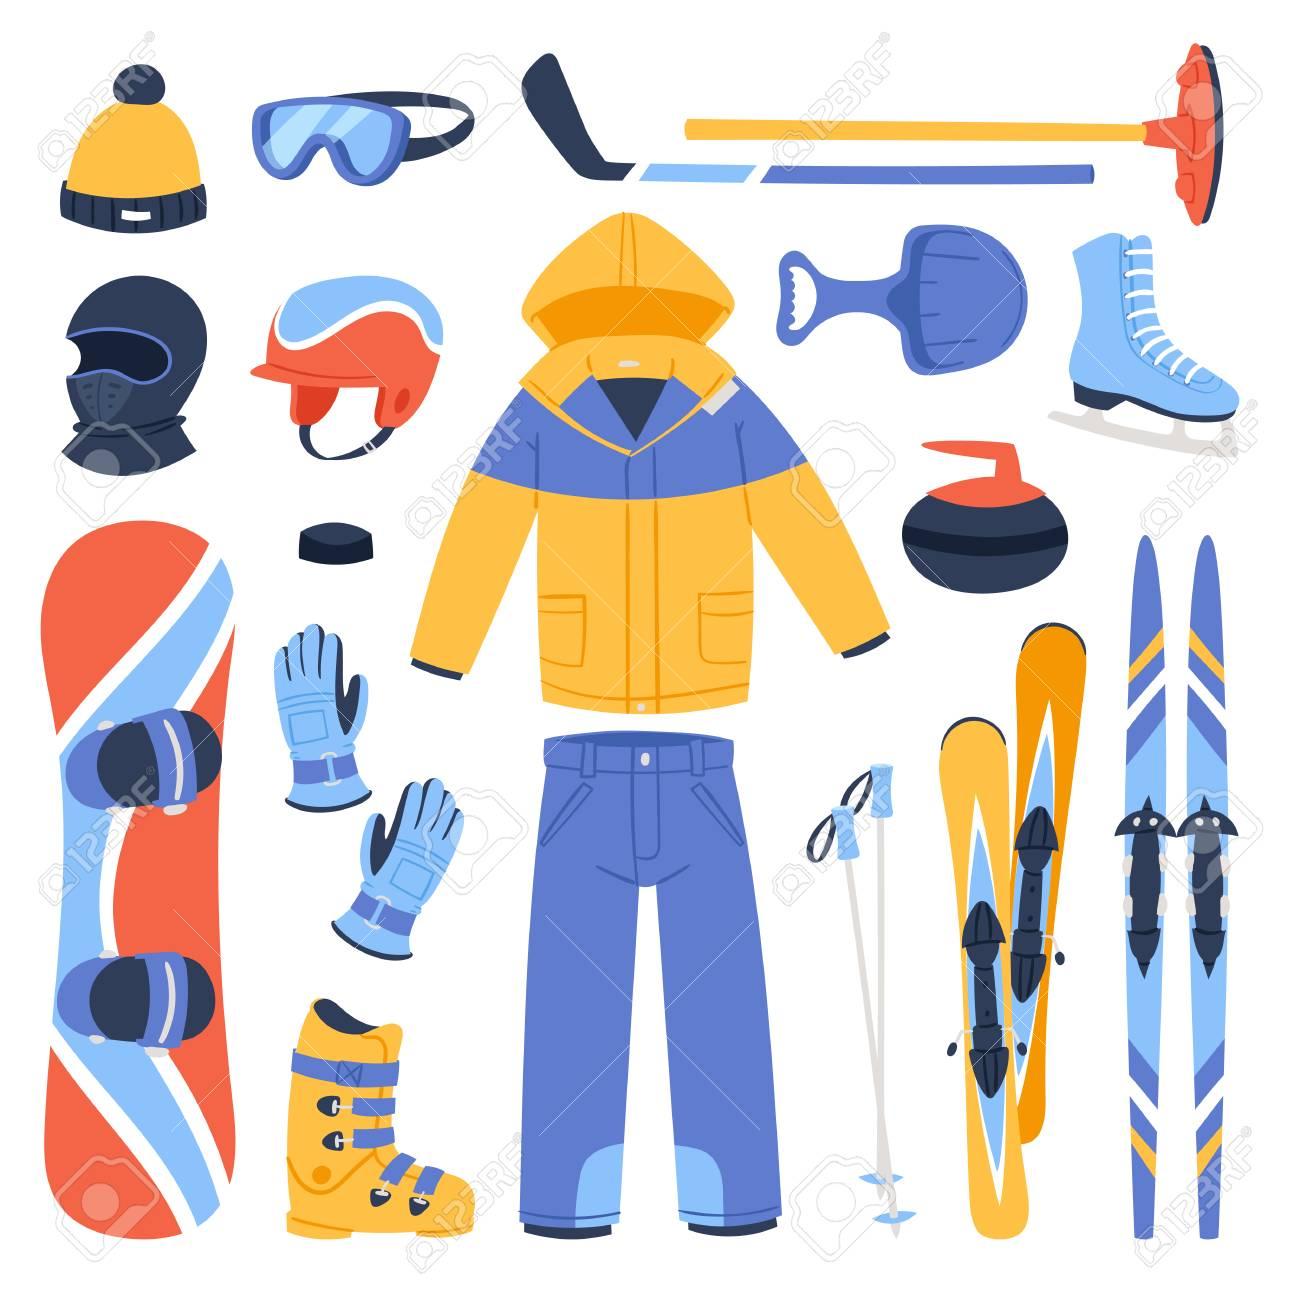 famosa marca de diseñador estética de lujo descuento hasta 60% Invierno nieve esquí deportes ropa y accesorios iconos.